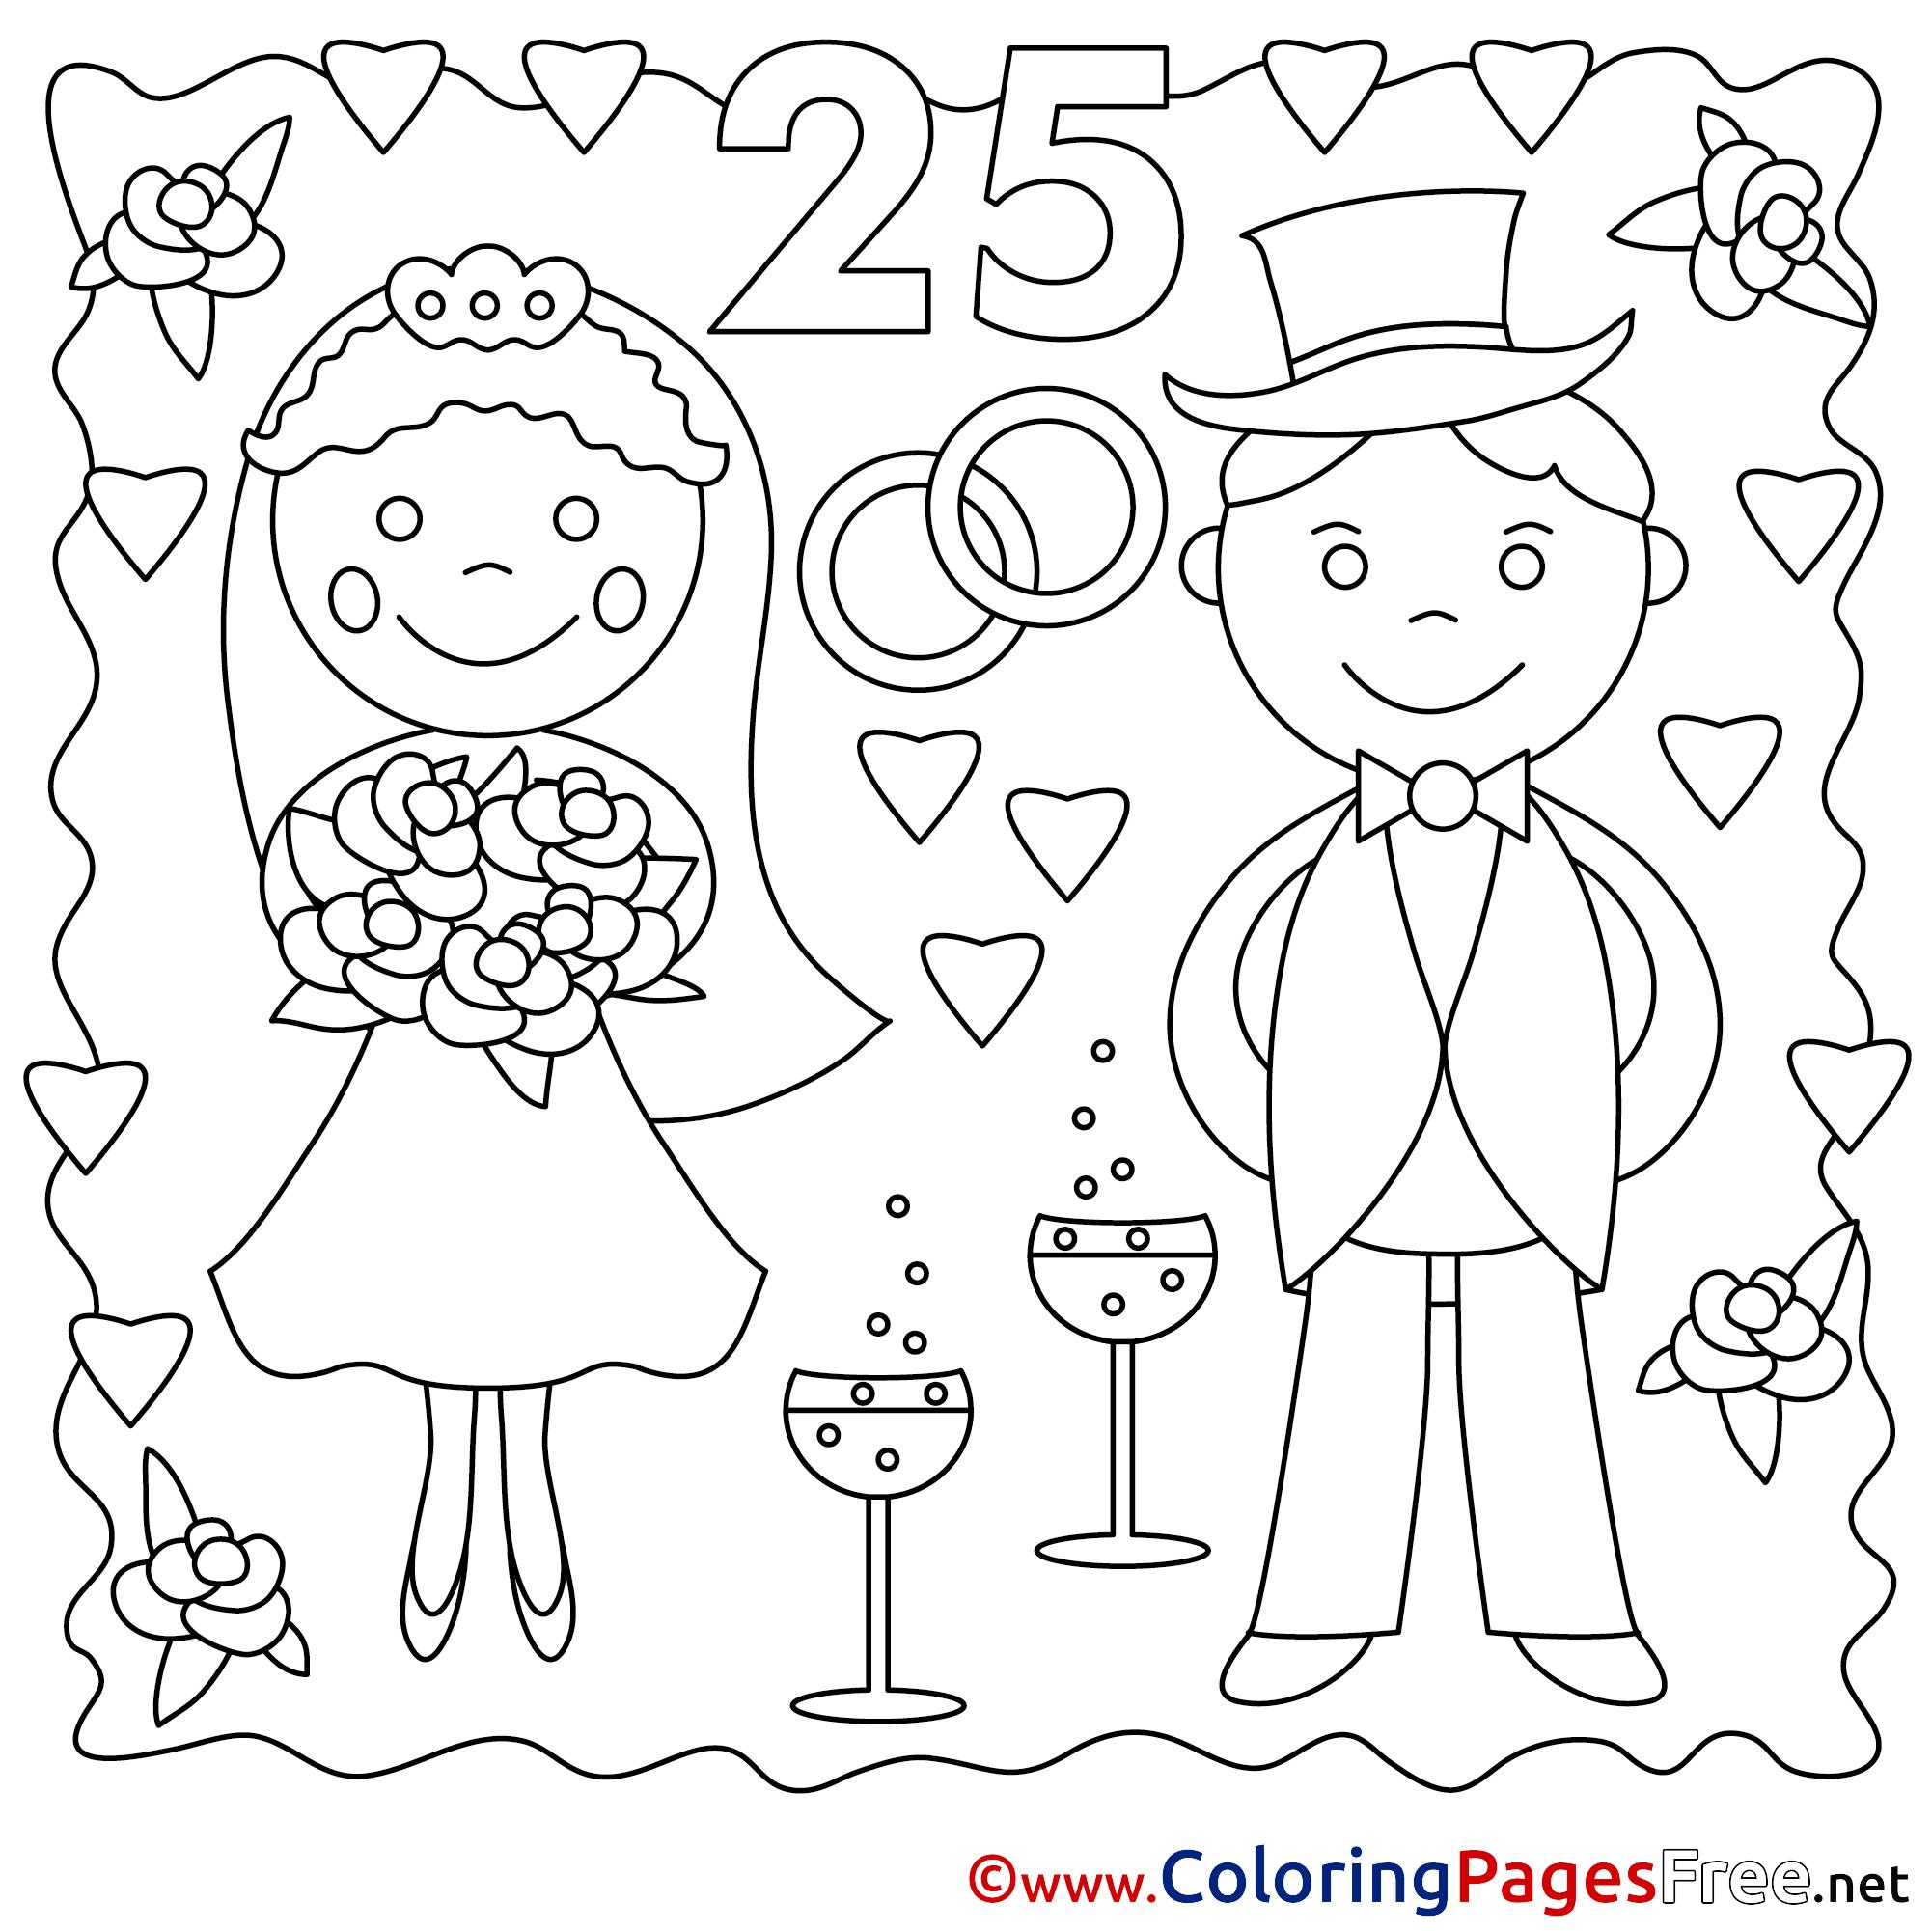 Рисунок на годовщину свадьбы маме и папе